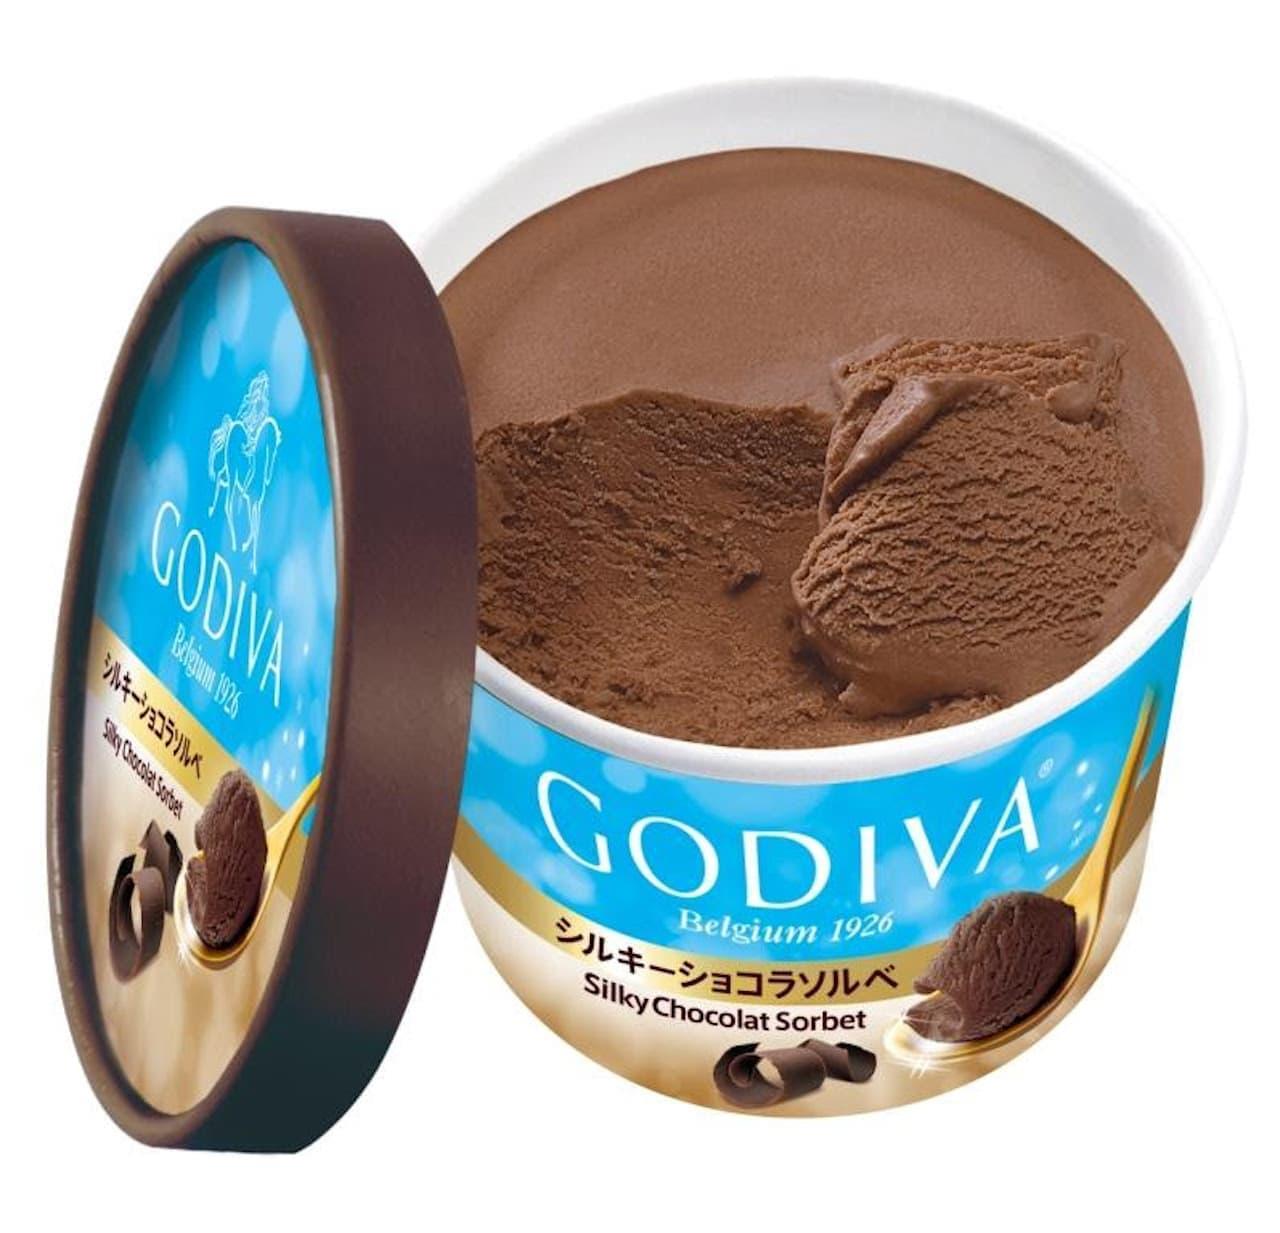 ゴディバ カップアイス「シルキーショコラソルベ」